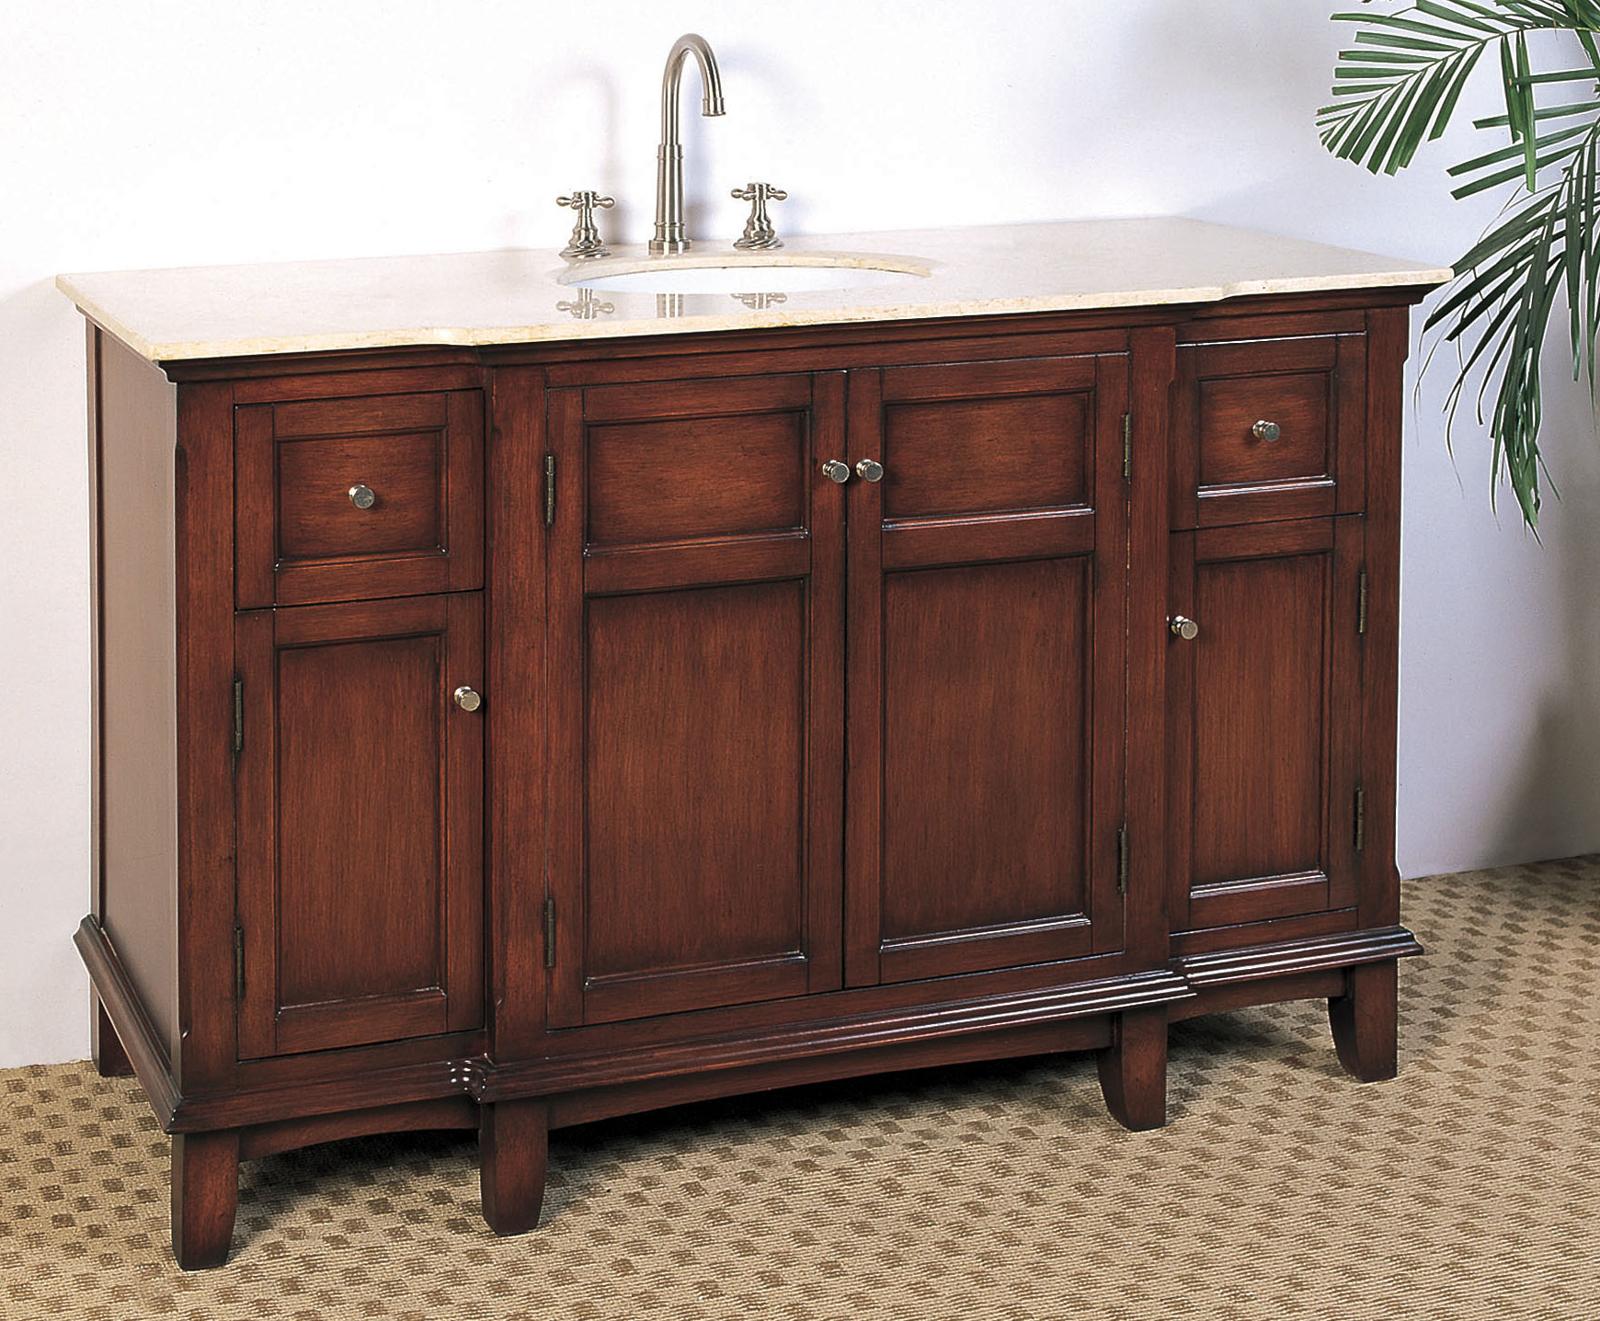 53 Inch Single Sink Bathroom Vanity Price: $1,239.99